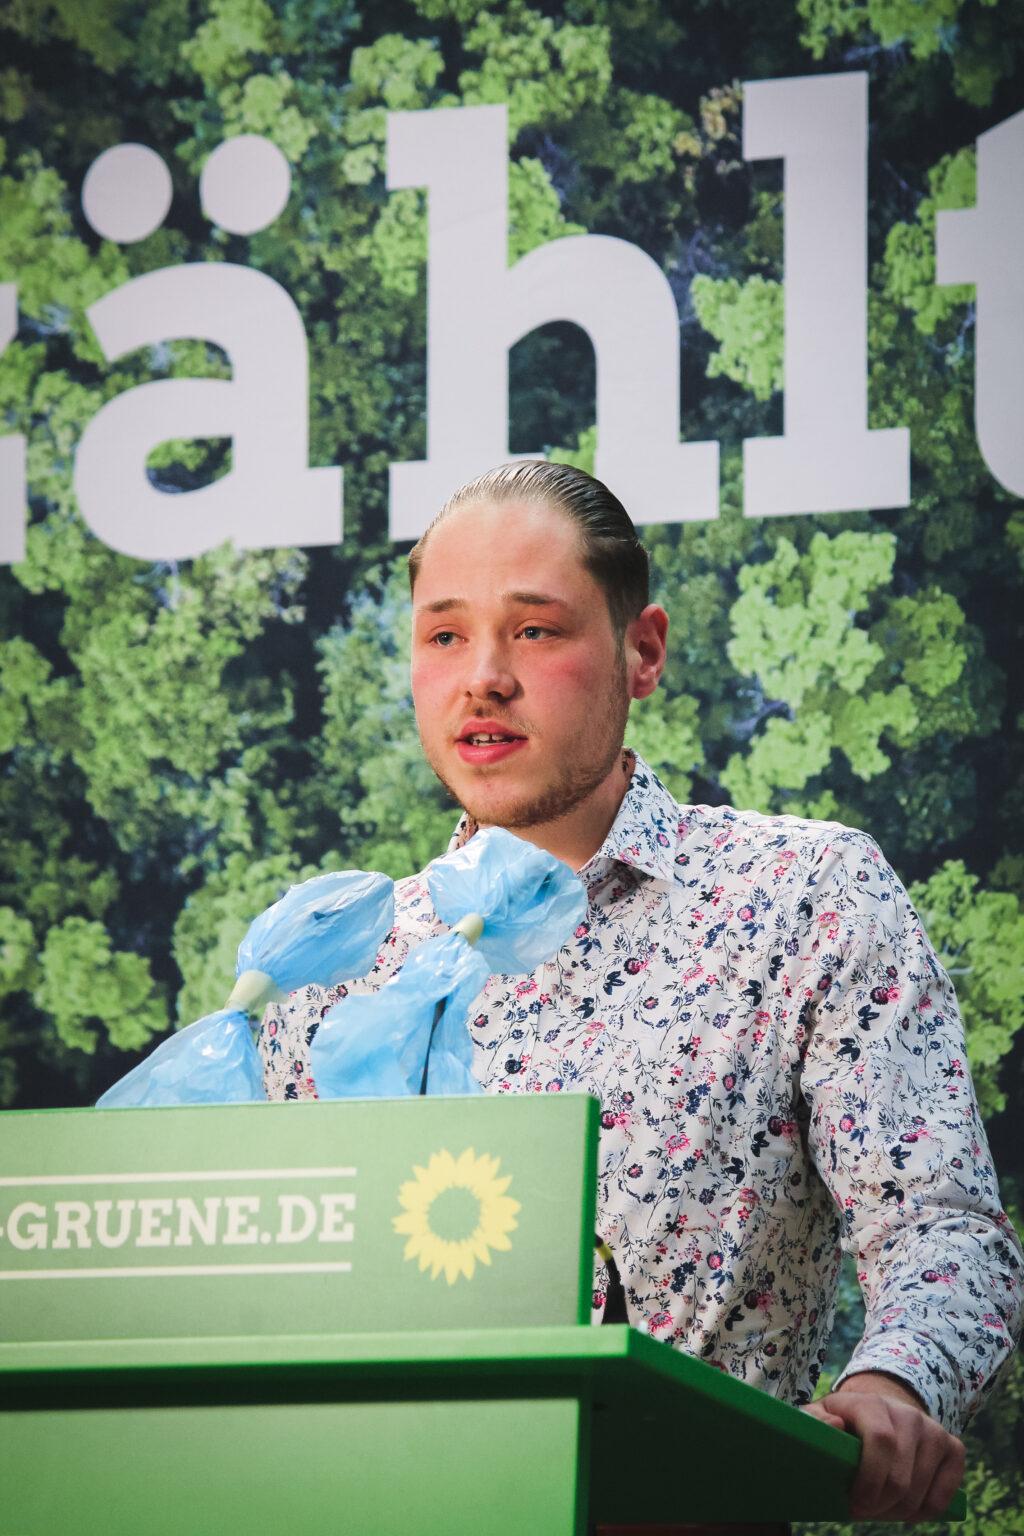 Nils Bollenbach